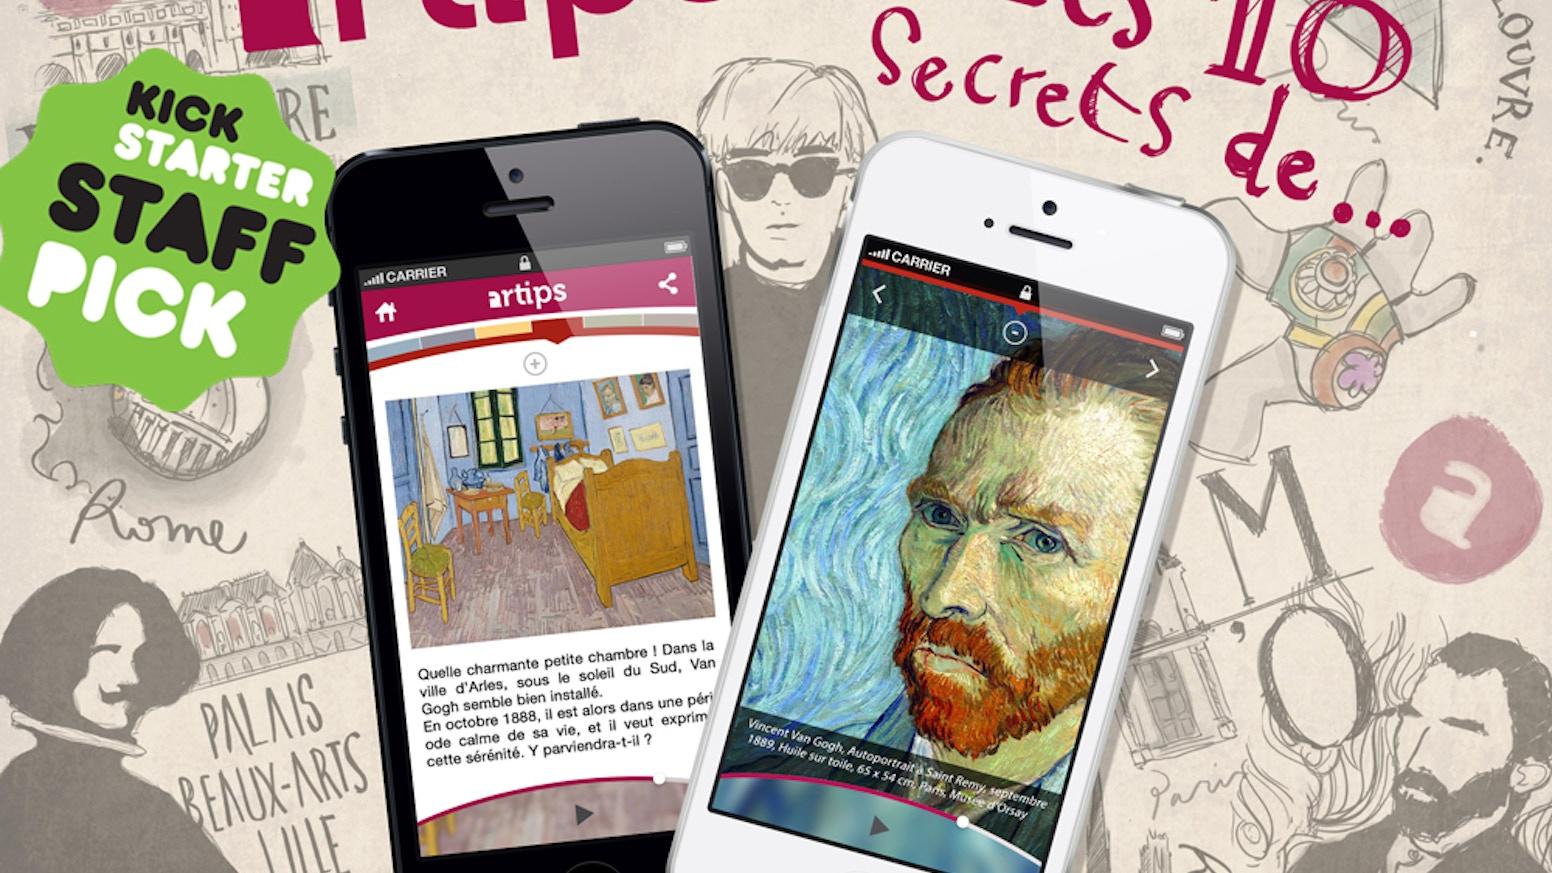 Aidez Artips à créer l'appli qui rassemblera les 10 secrets de tous les grands musées et expositions du moment.